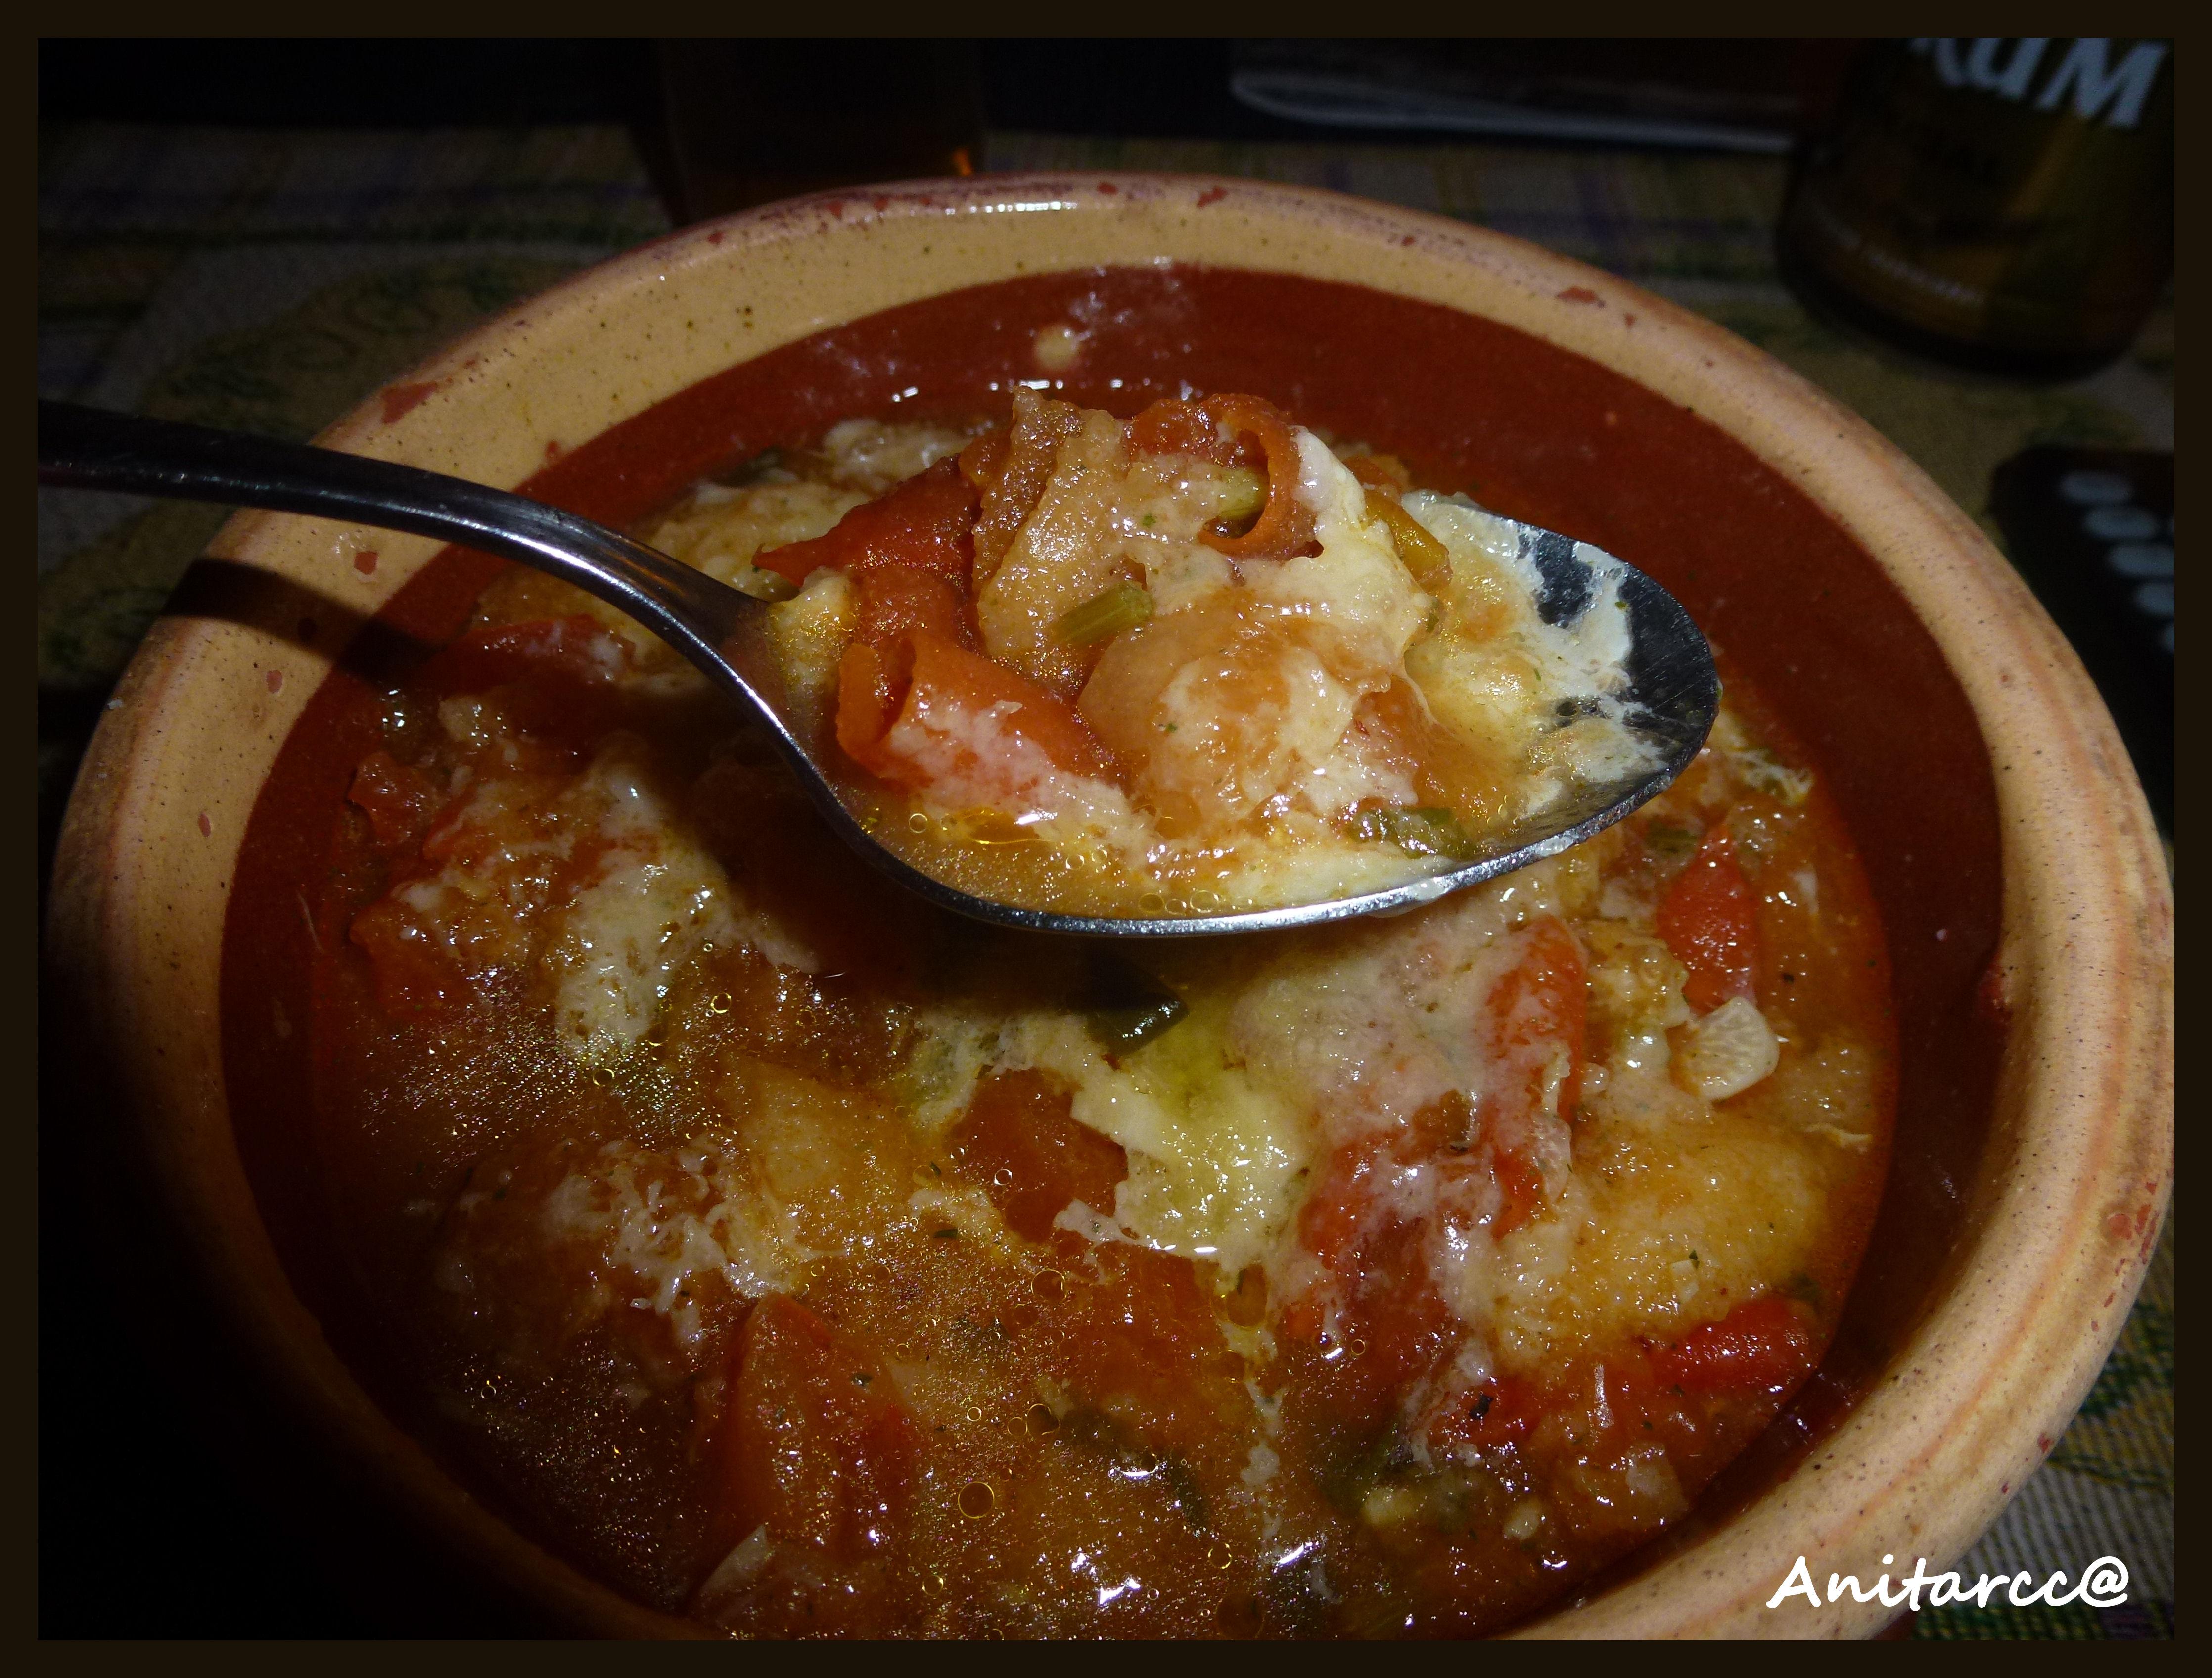 De cenar una sopa de tomate facil sima de hacer el for Que hacer de cenar